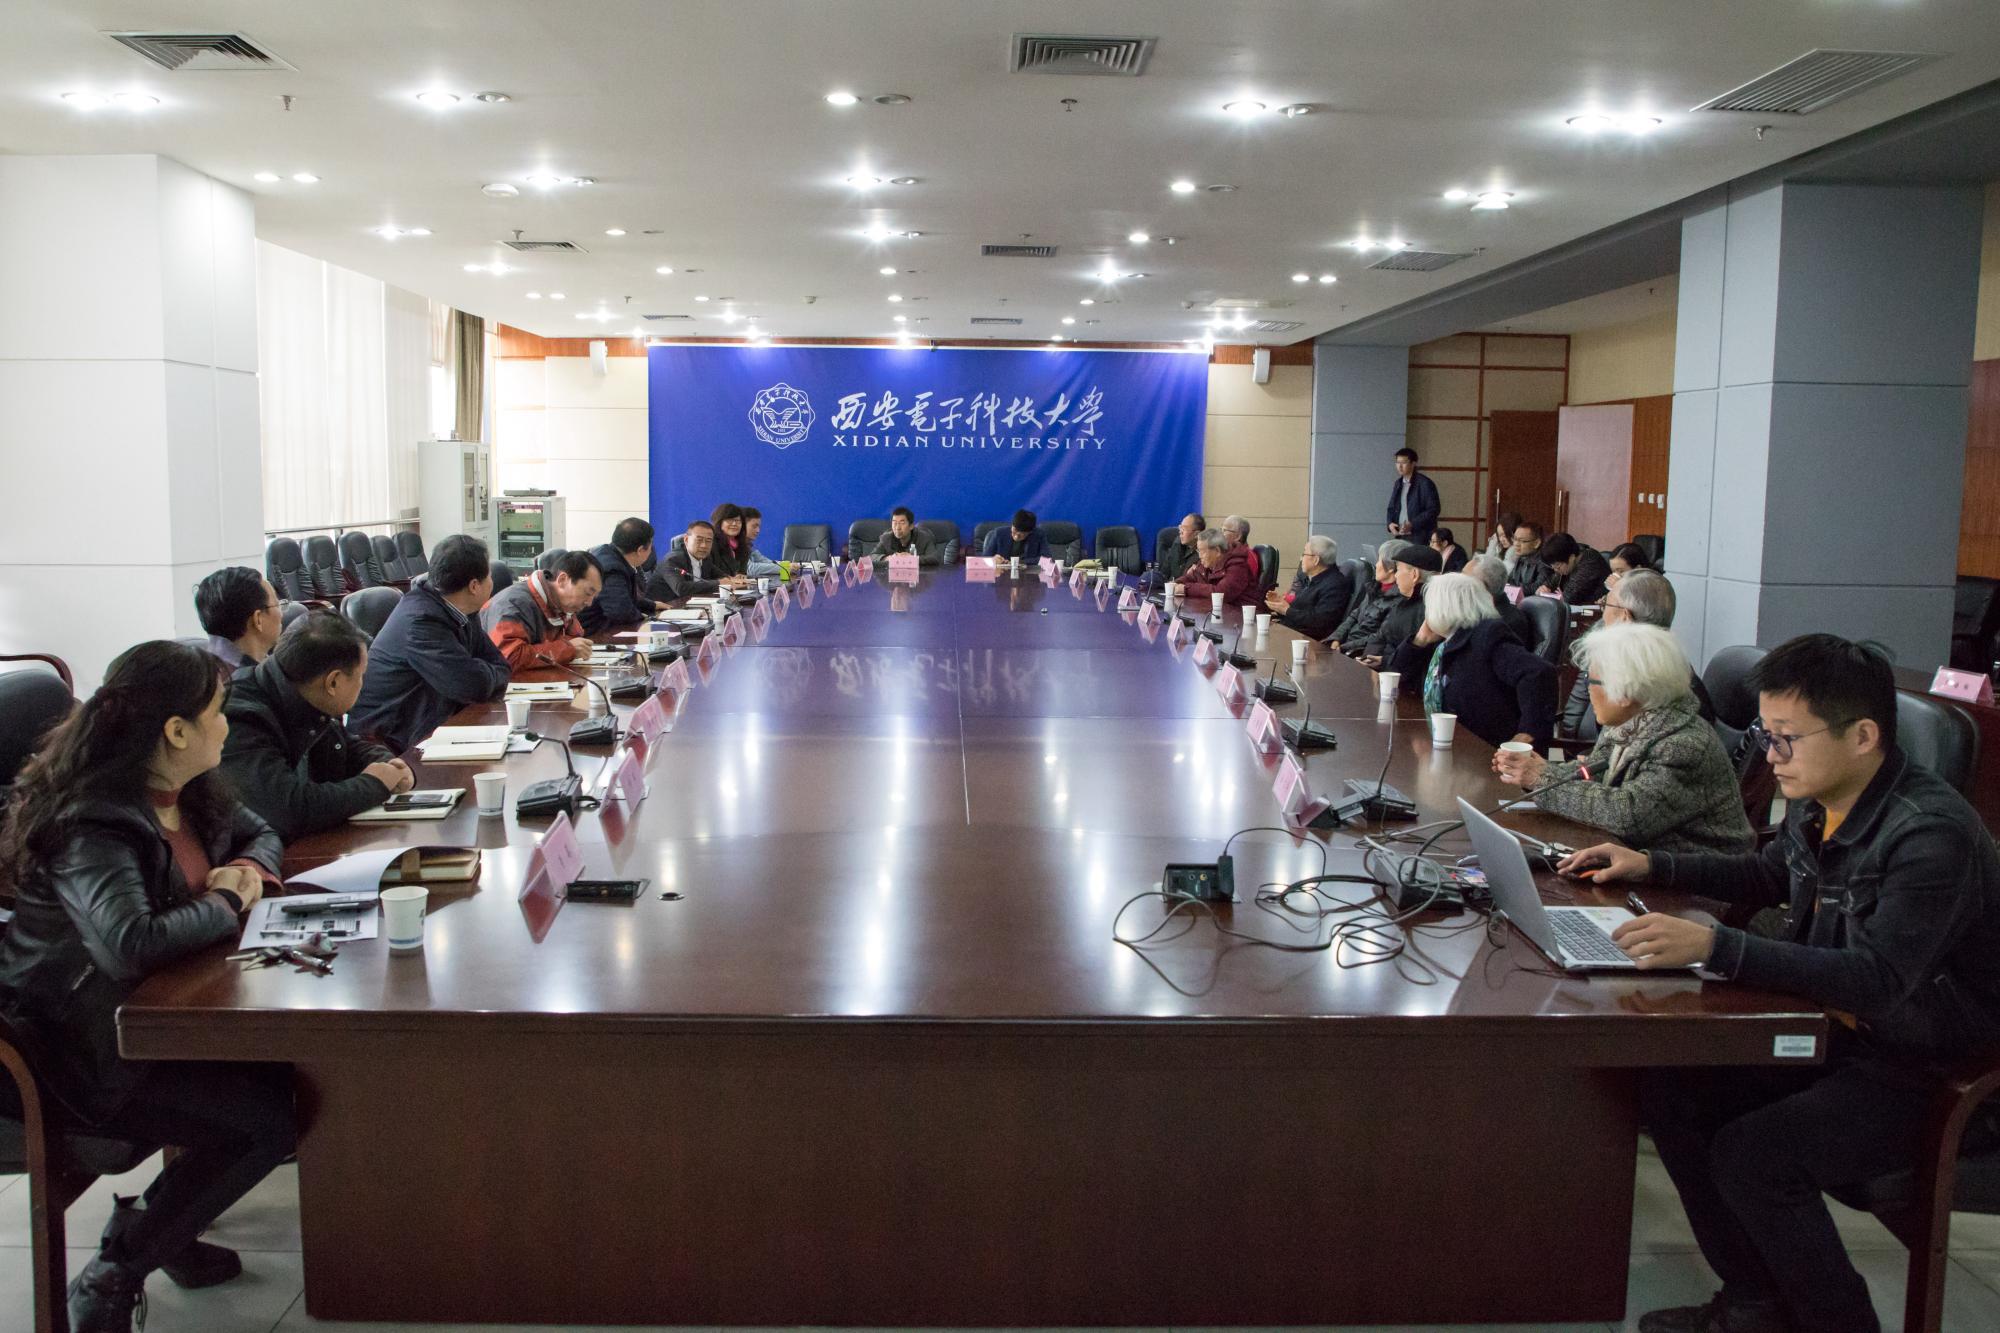 西电举行庆祝改革开放40周年暨纪念西迁座谈会